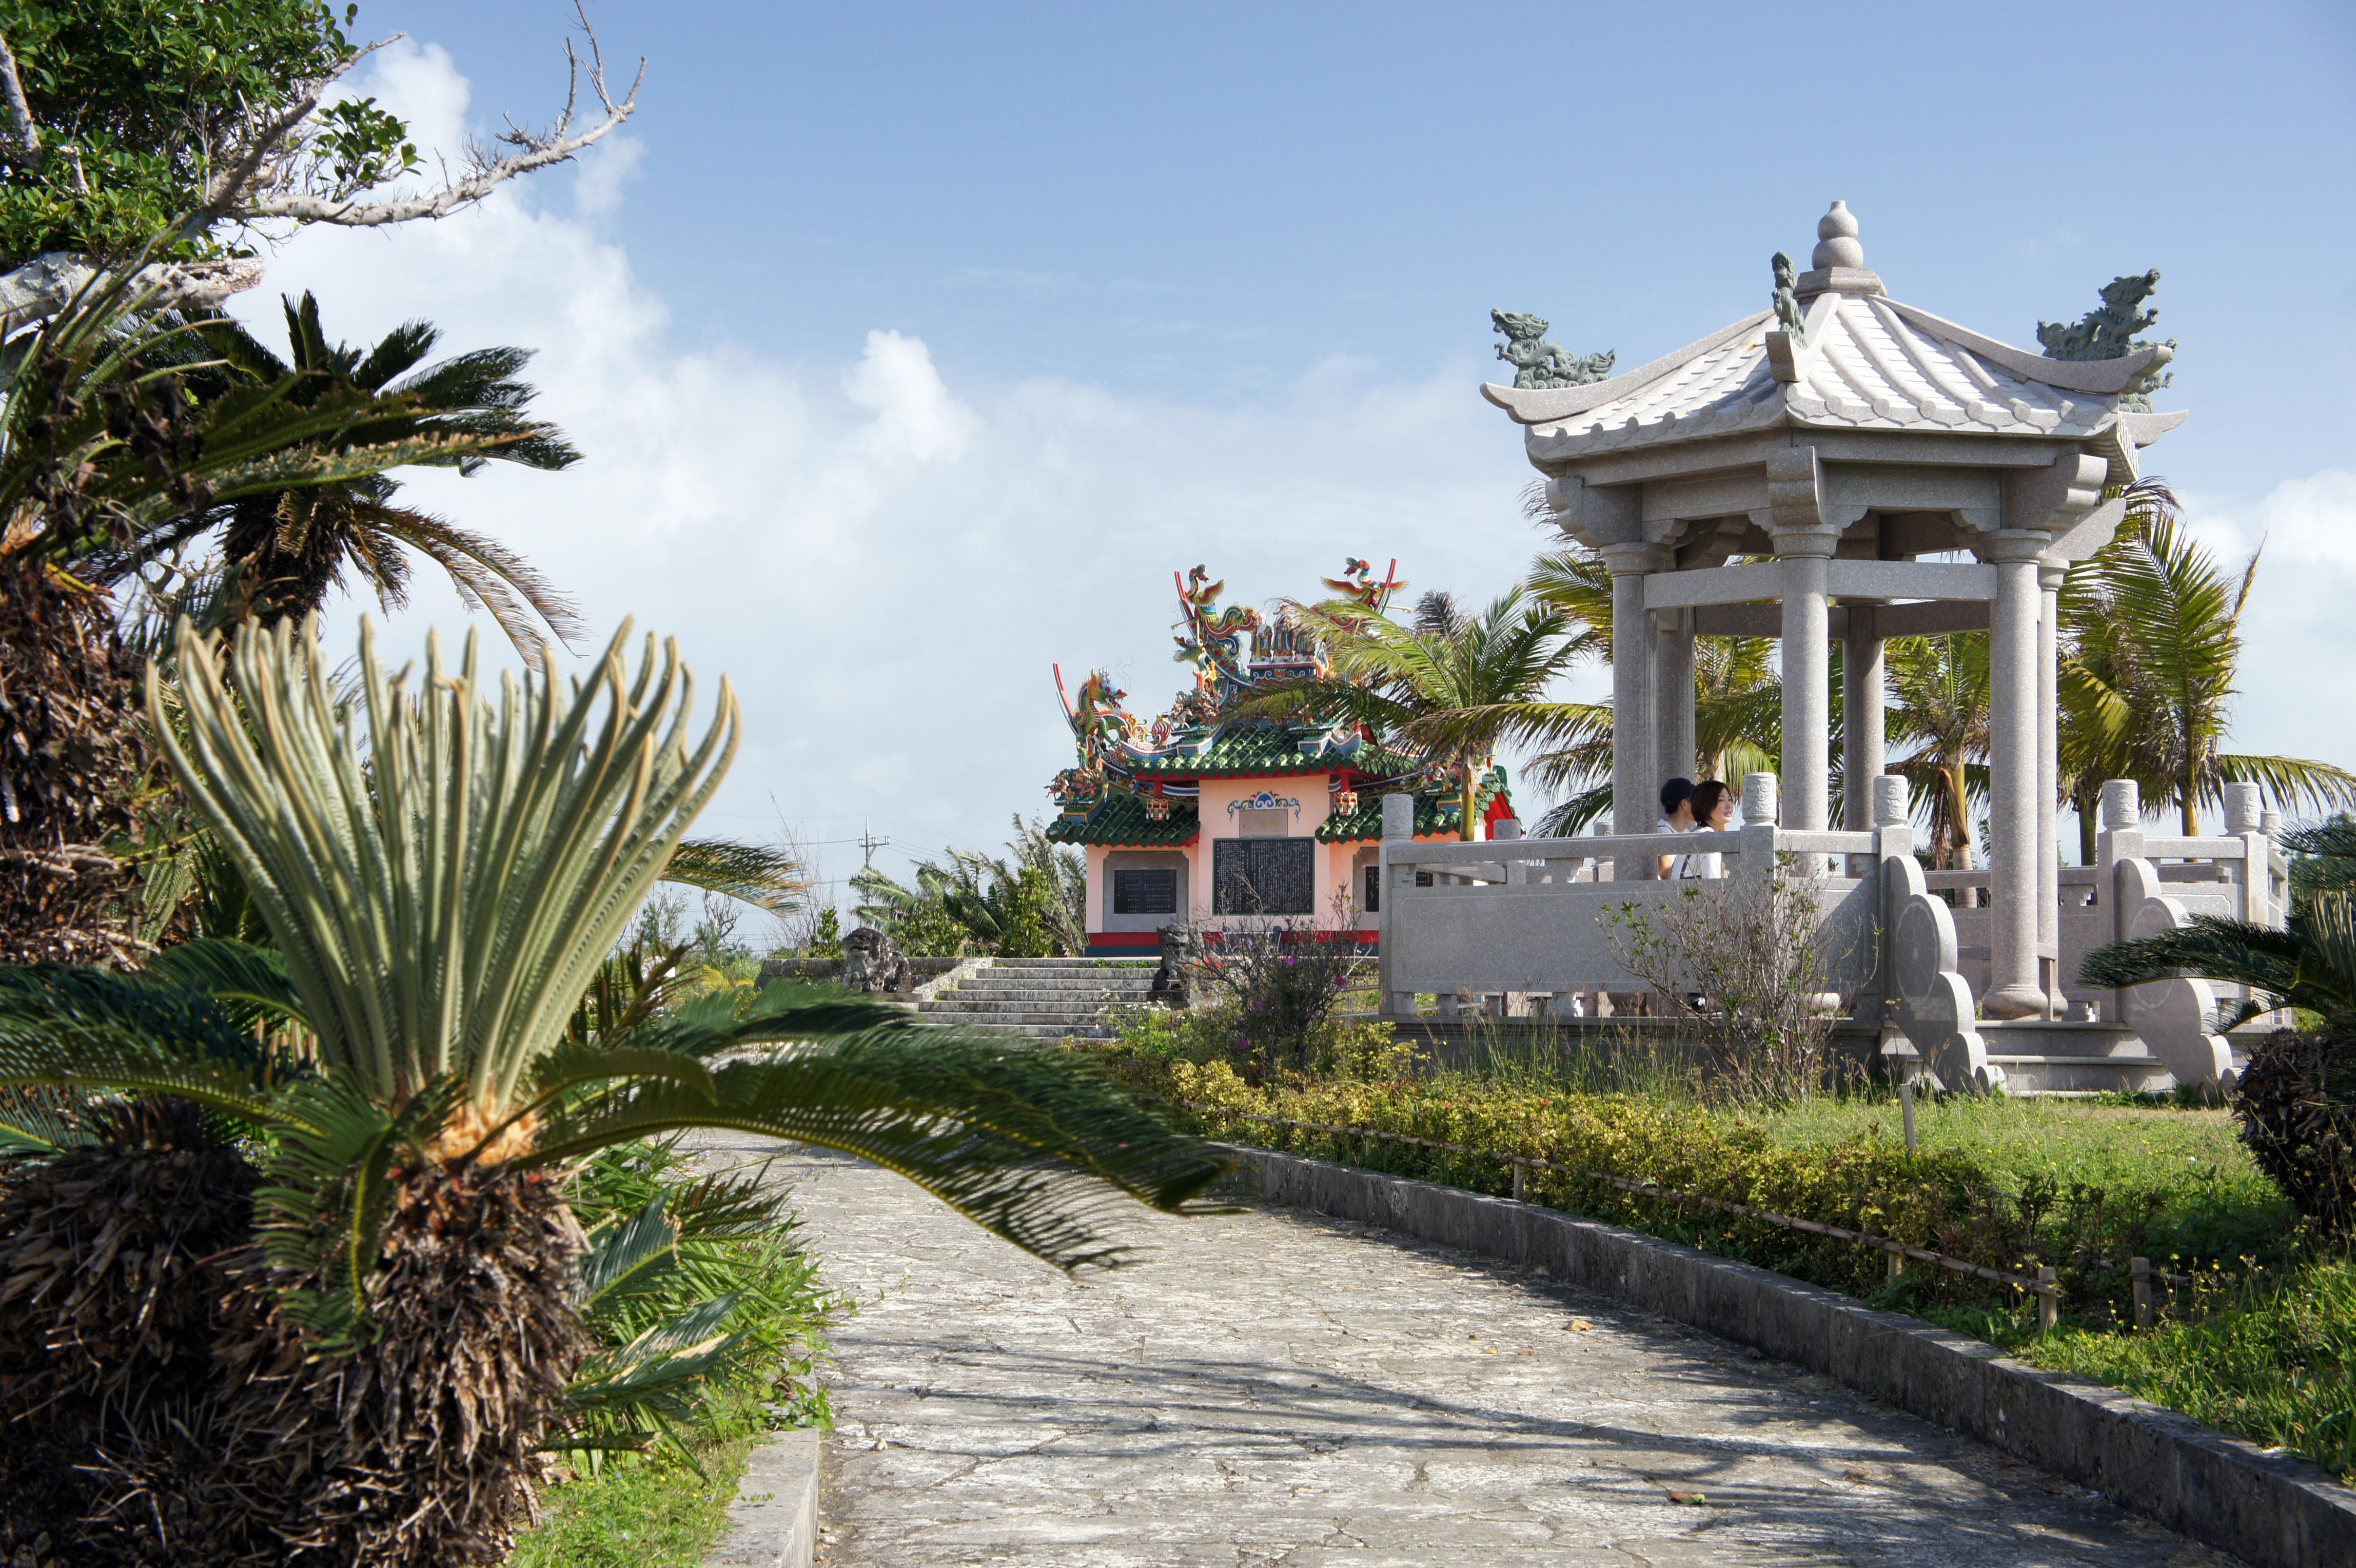 Ishigaki Japan  city photos gallery : Ishigaki, Okinawa Search for Videos